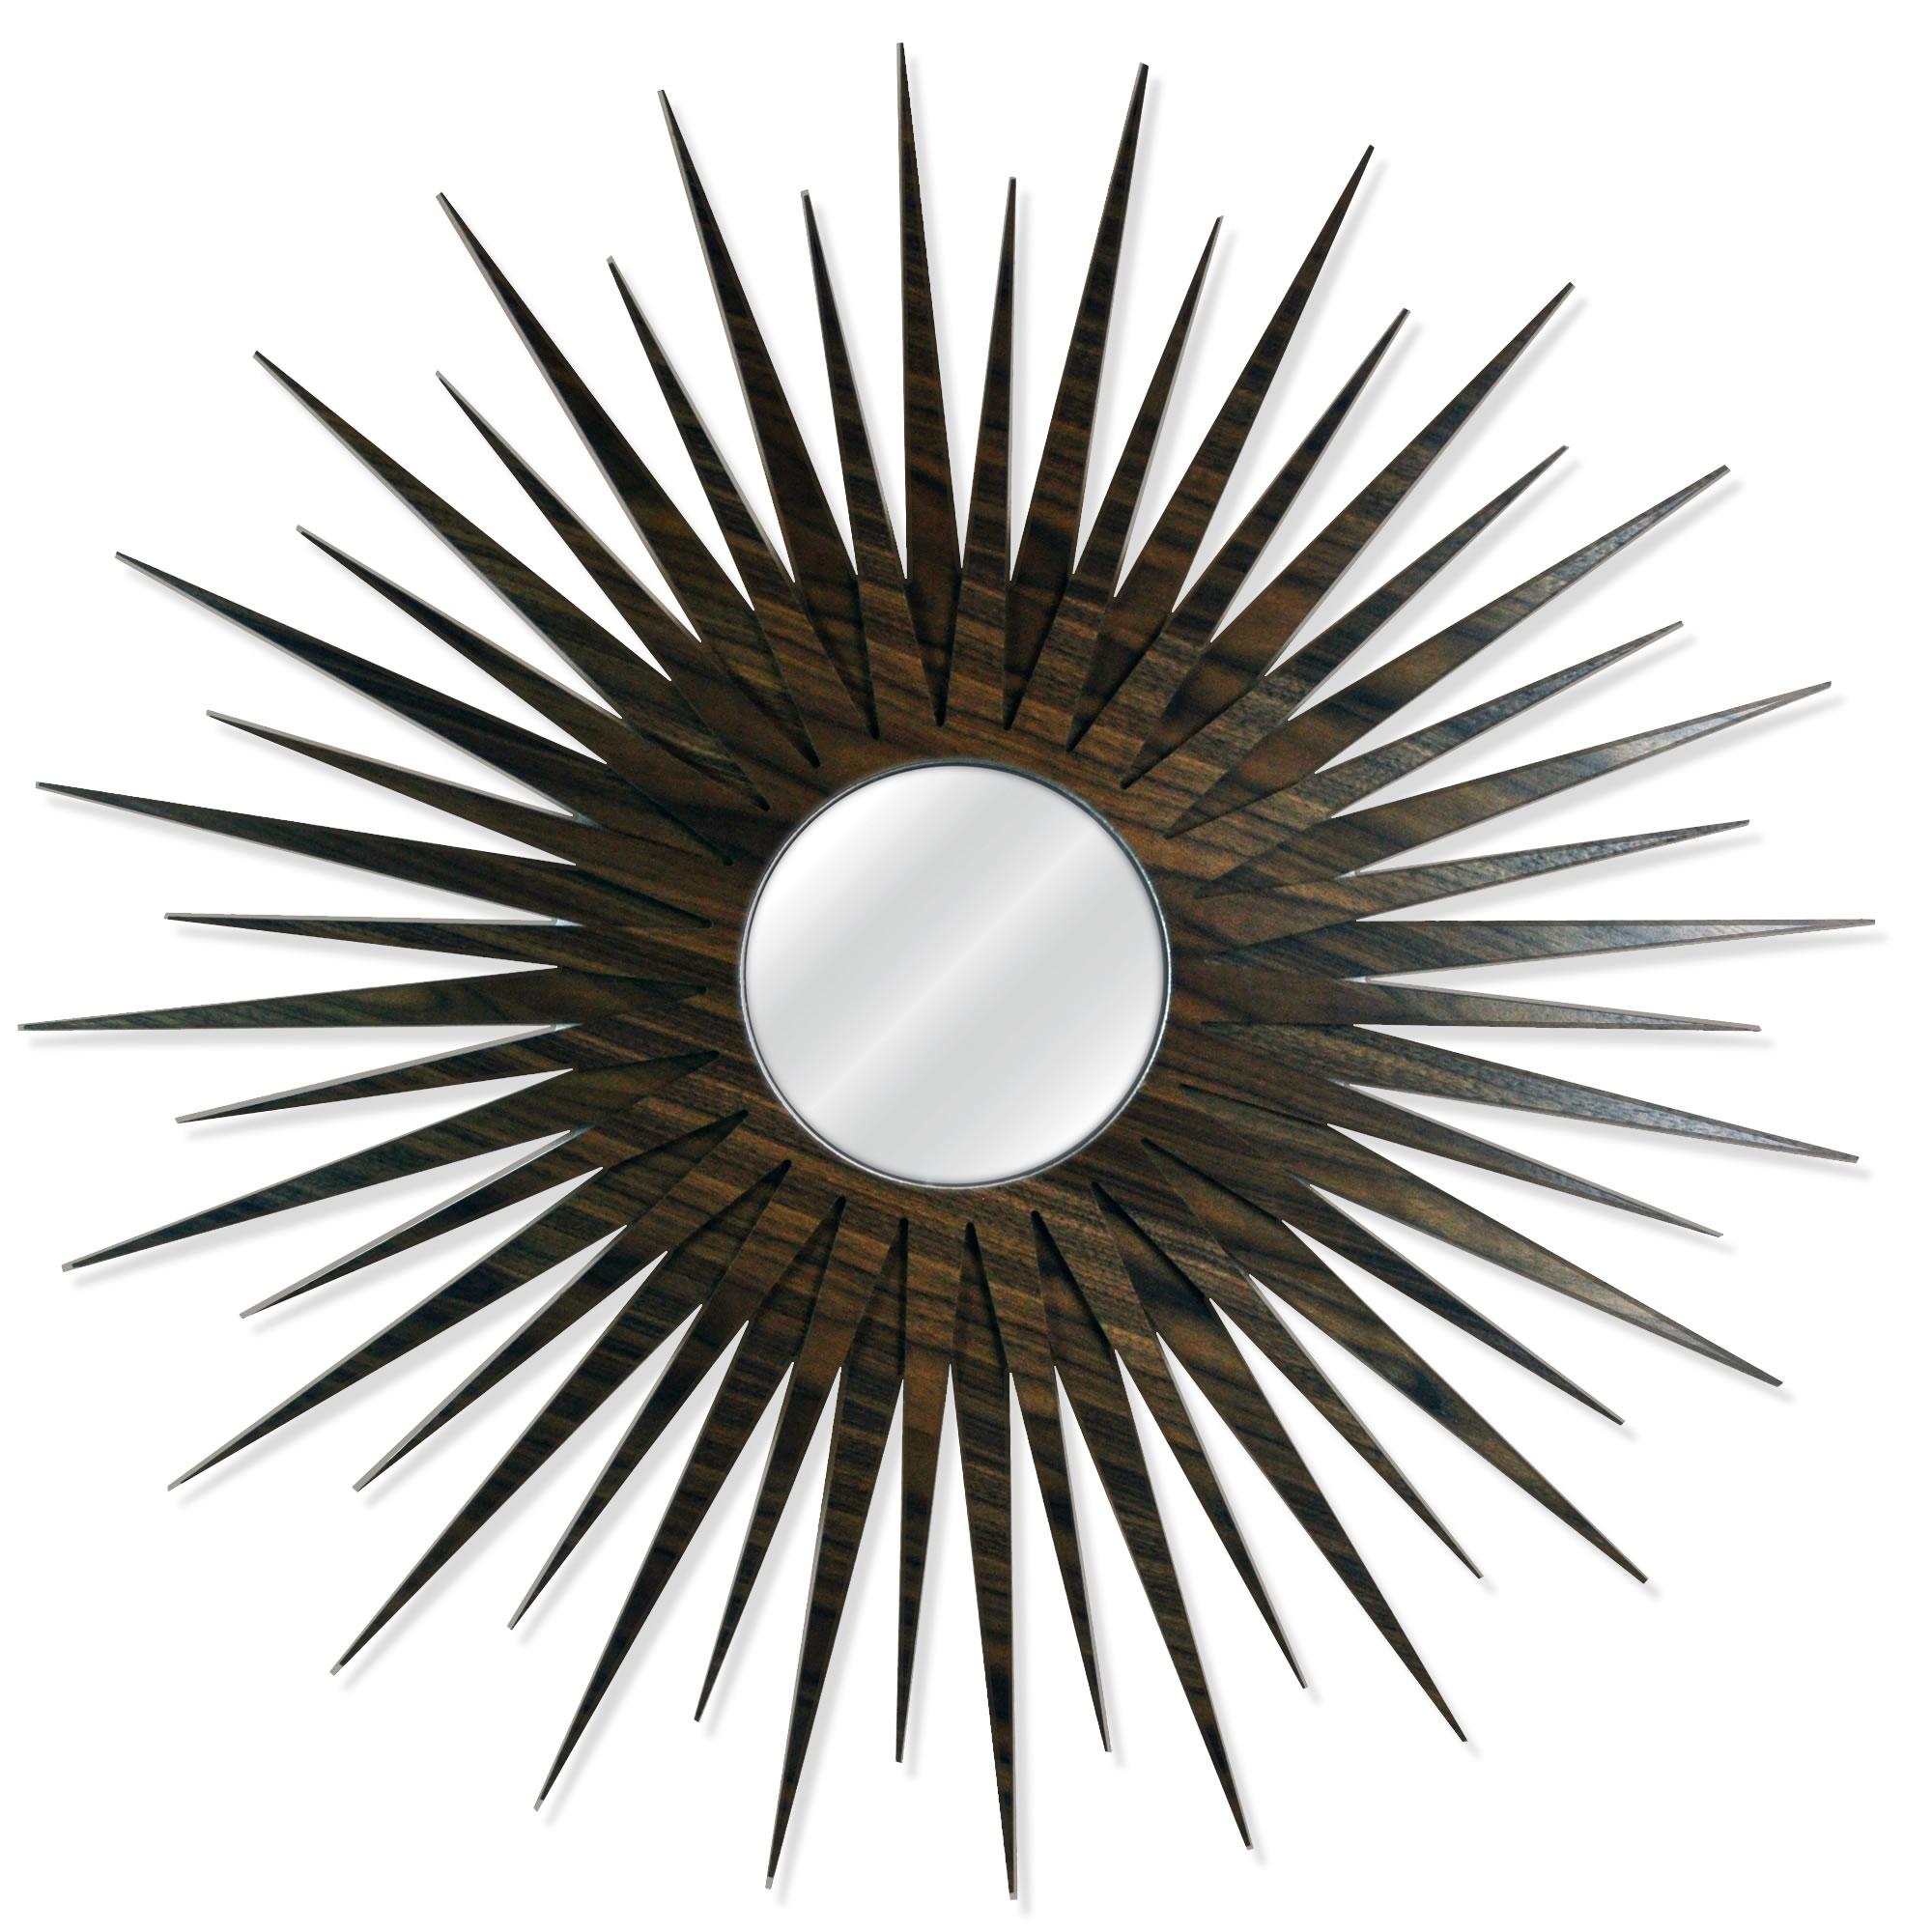 Midcentury Modern Decor 'MCM Starburst Mirror-Walnut' - Walnut Plywood Wooden Sunburst Mirror